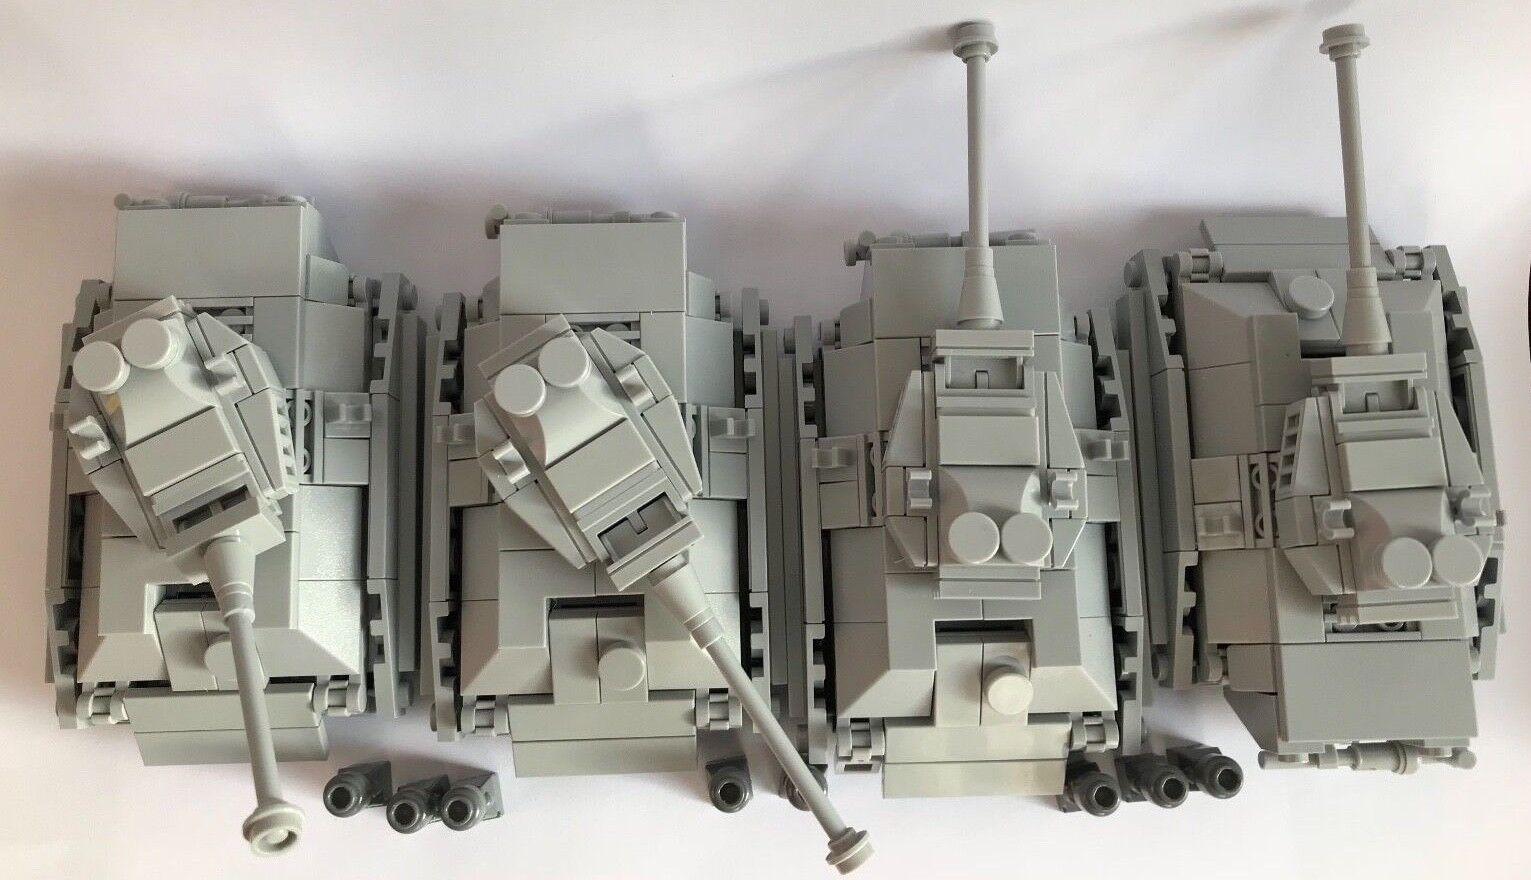 ORIGINALE Lego parti-Micro -  4 PANTHER TANK + 8 Soldati-la mia progettazione personalizzati  prezzo all'ingrosso